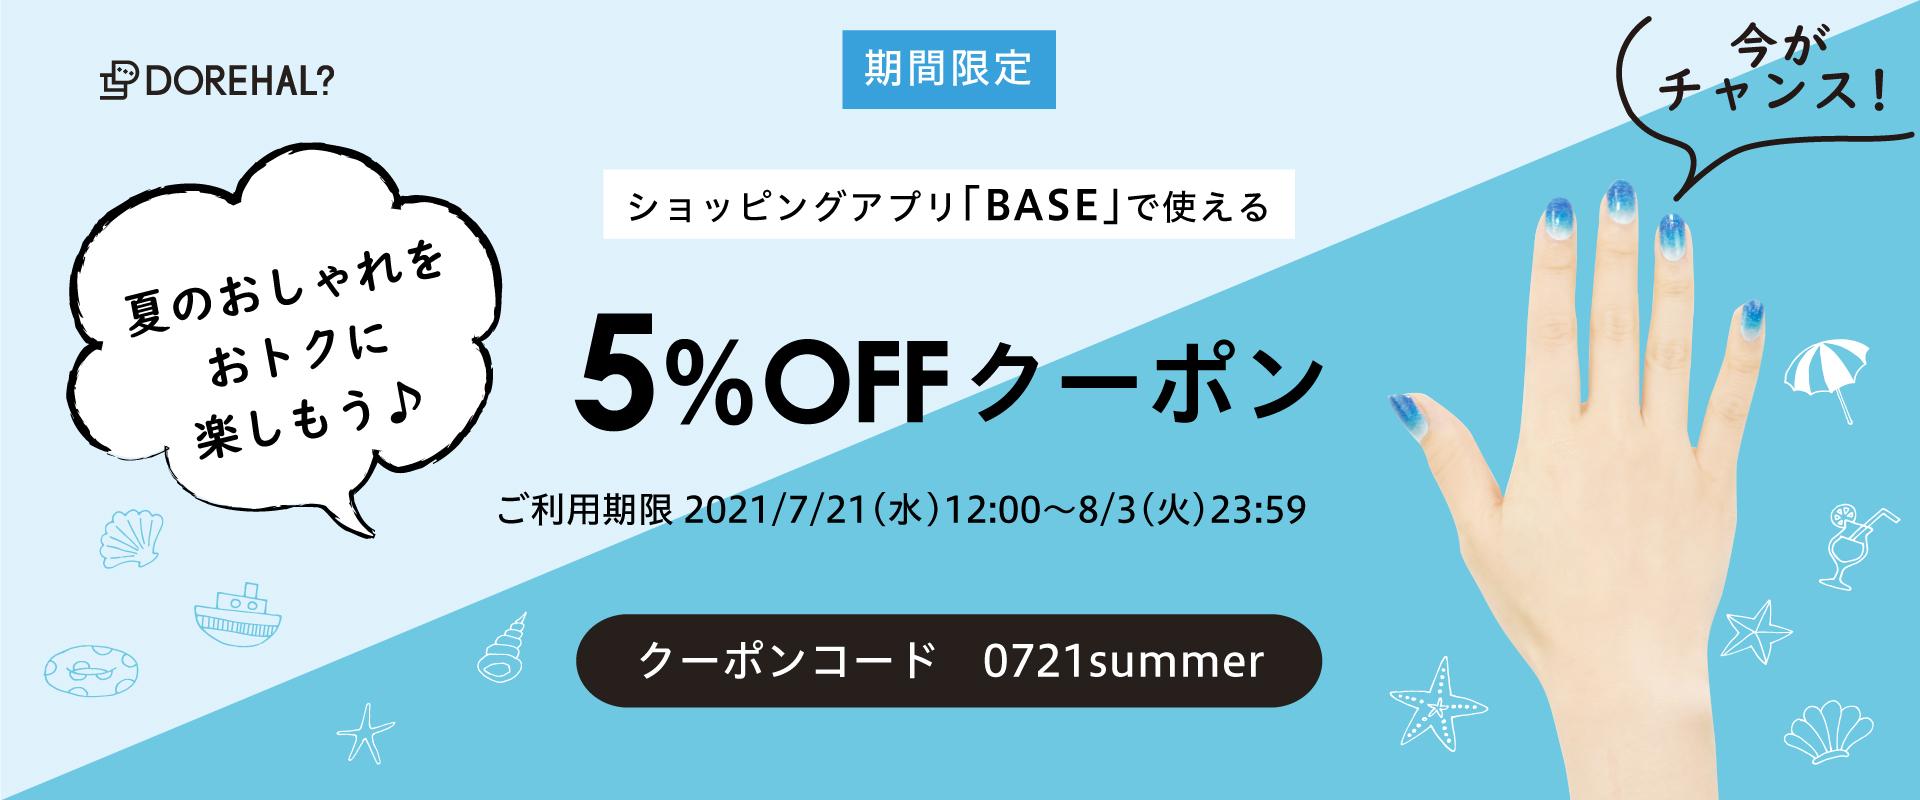 【7/21 12:00~期間限定】ショッピングアプリ「BASE」で使える5%OFFクーポン配布中